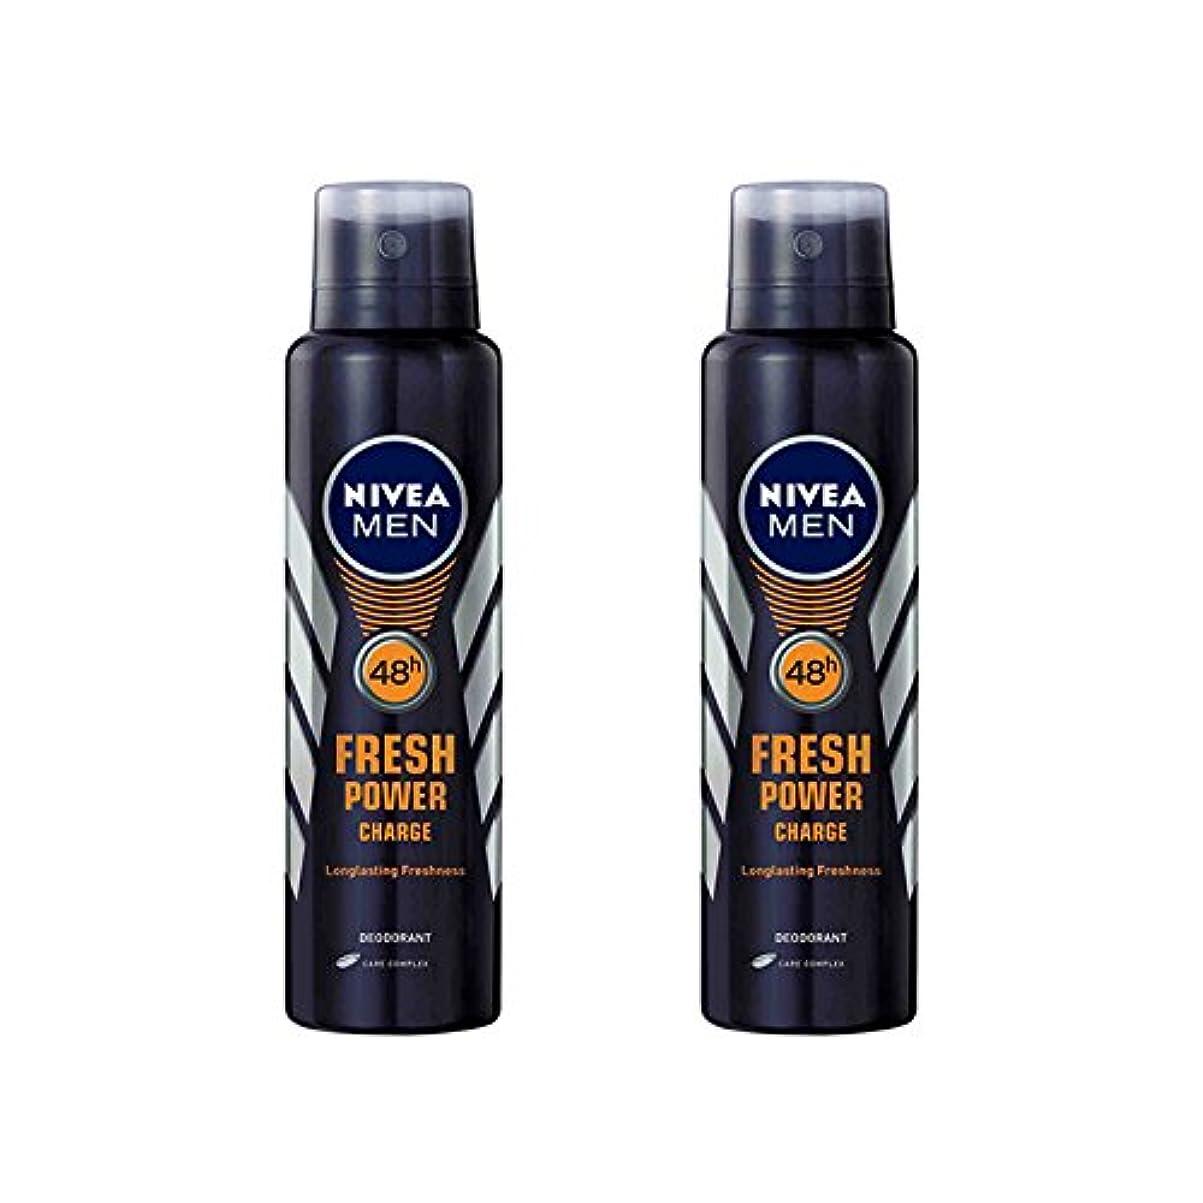 マーベル学士分類する2 Lots X Nivea Male Deodorant Fresh Power Charge, 150ml - 並行輸入品 - 2ロットXニベア男性デオドラントフレッシュパワーチャージ、150ml